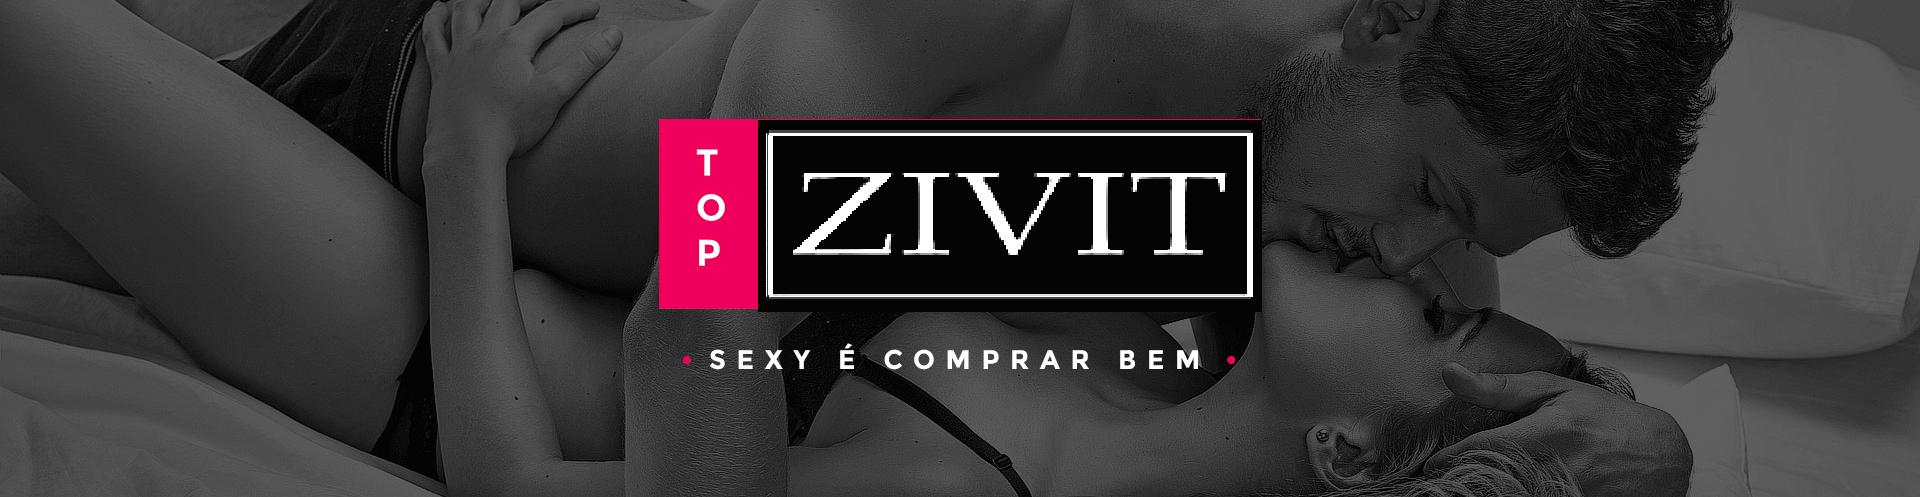 Banner Zivit